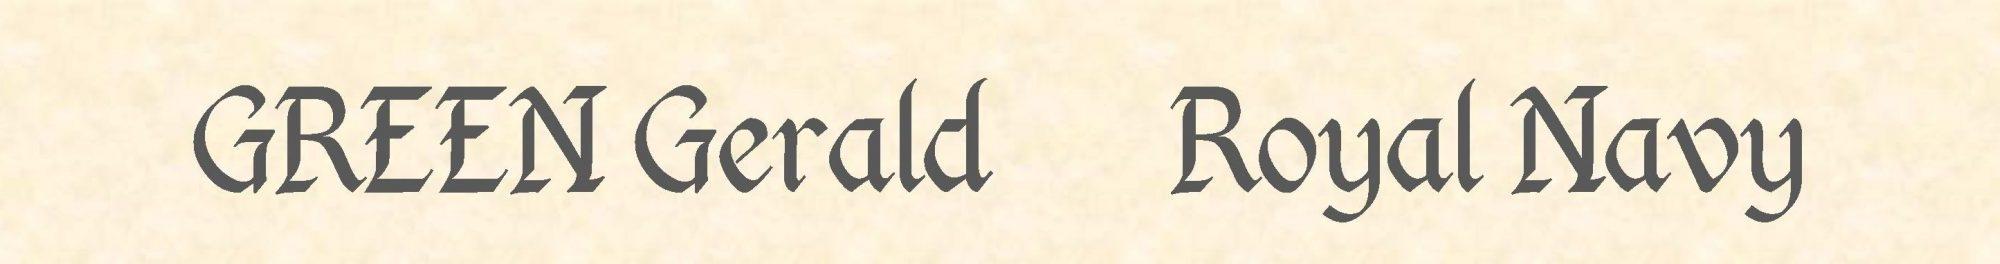 Gerald Green header